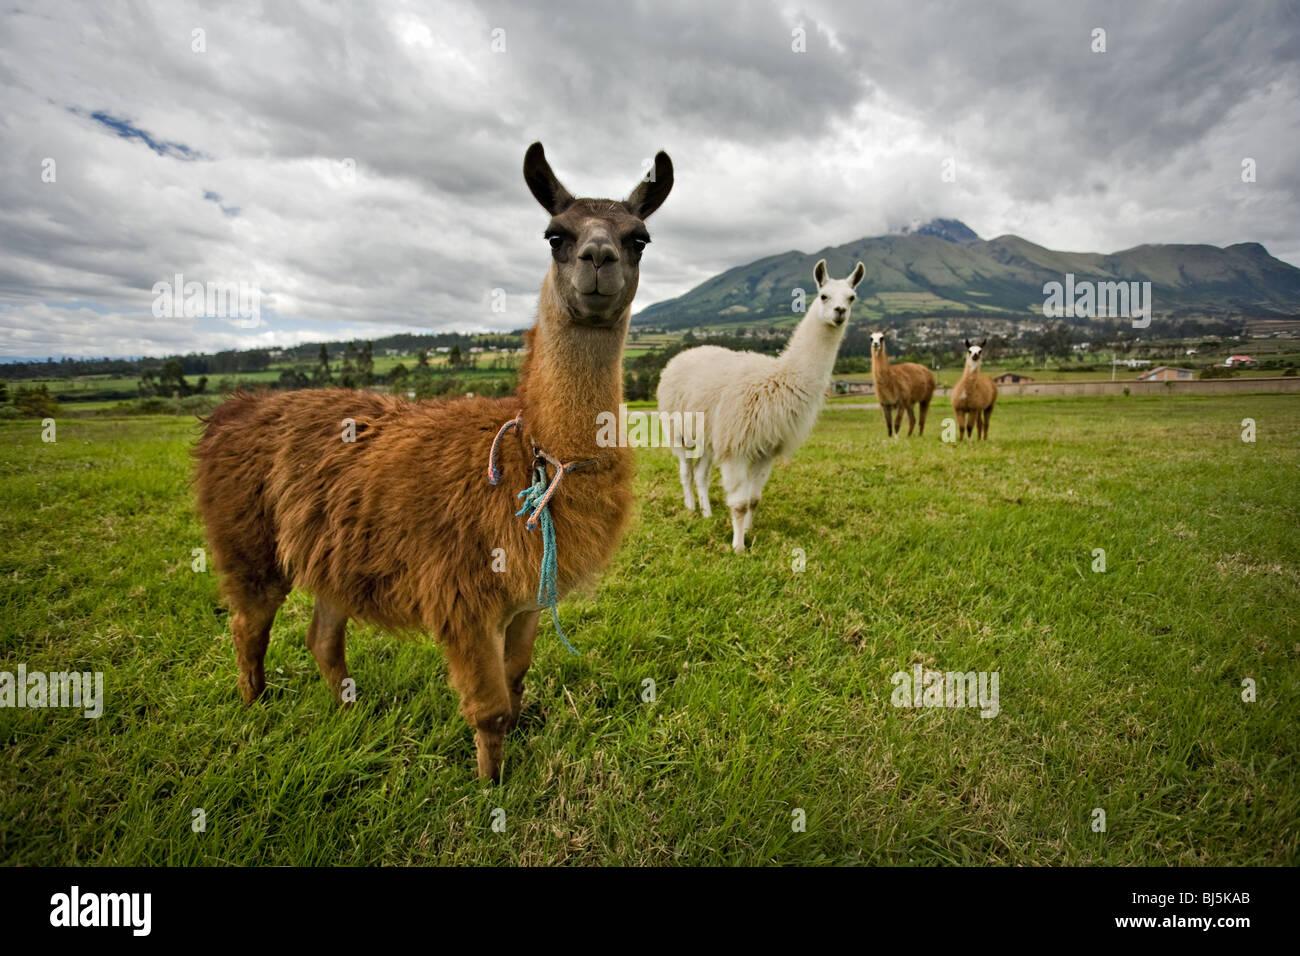 Neugierig Lamas in der Landschaft von Ecuador, Südamerika Stockbild